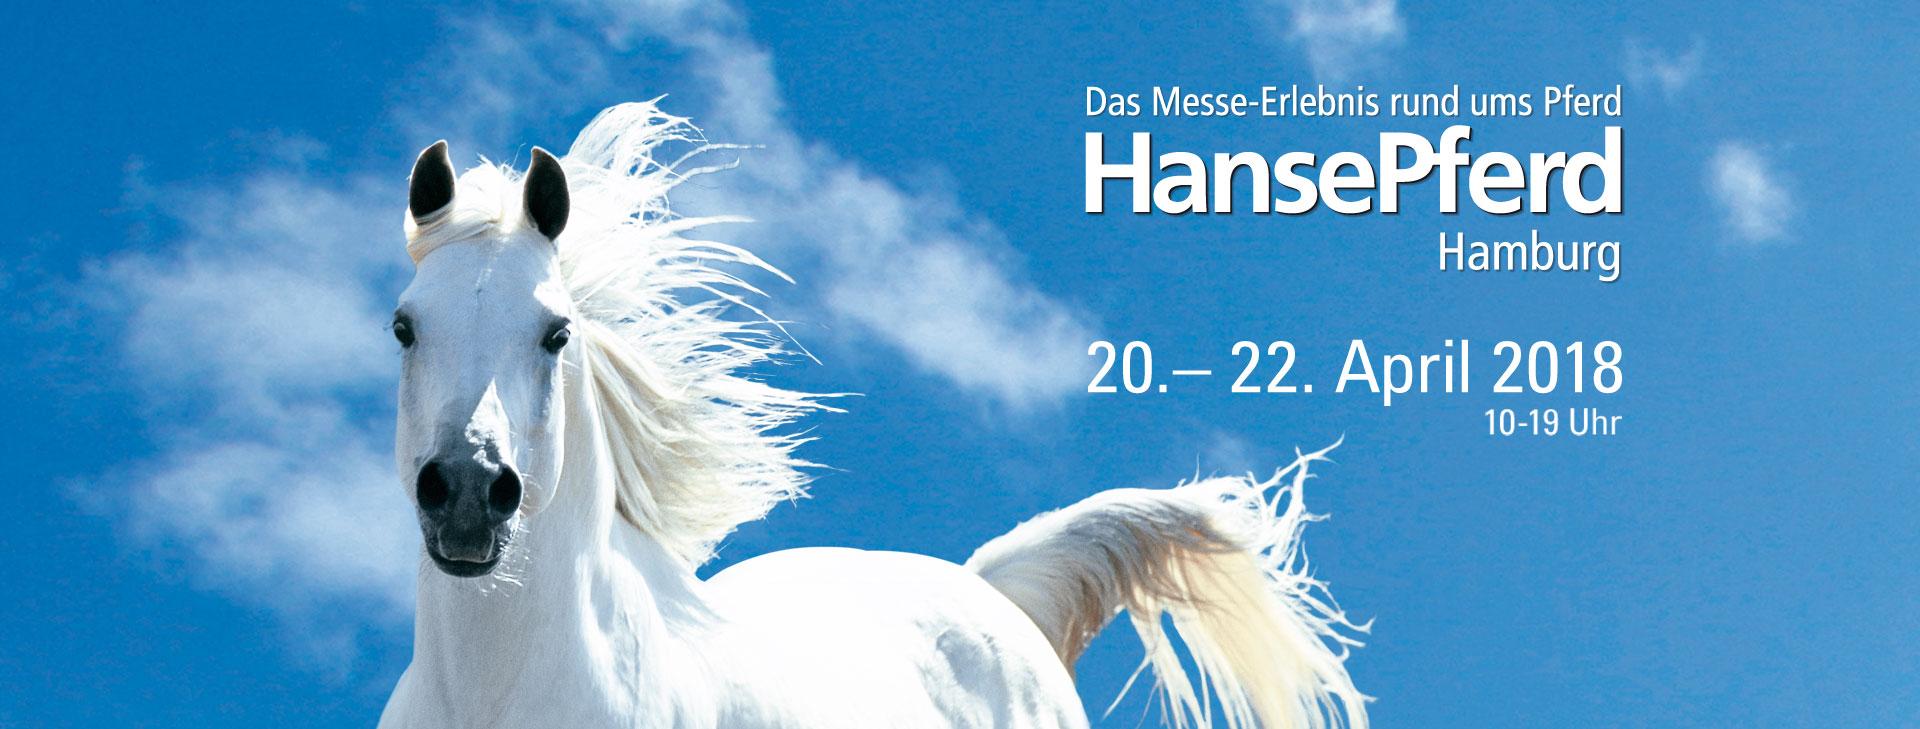 Bildergebnis für Hansepferd